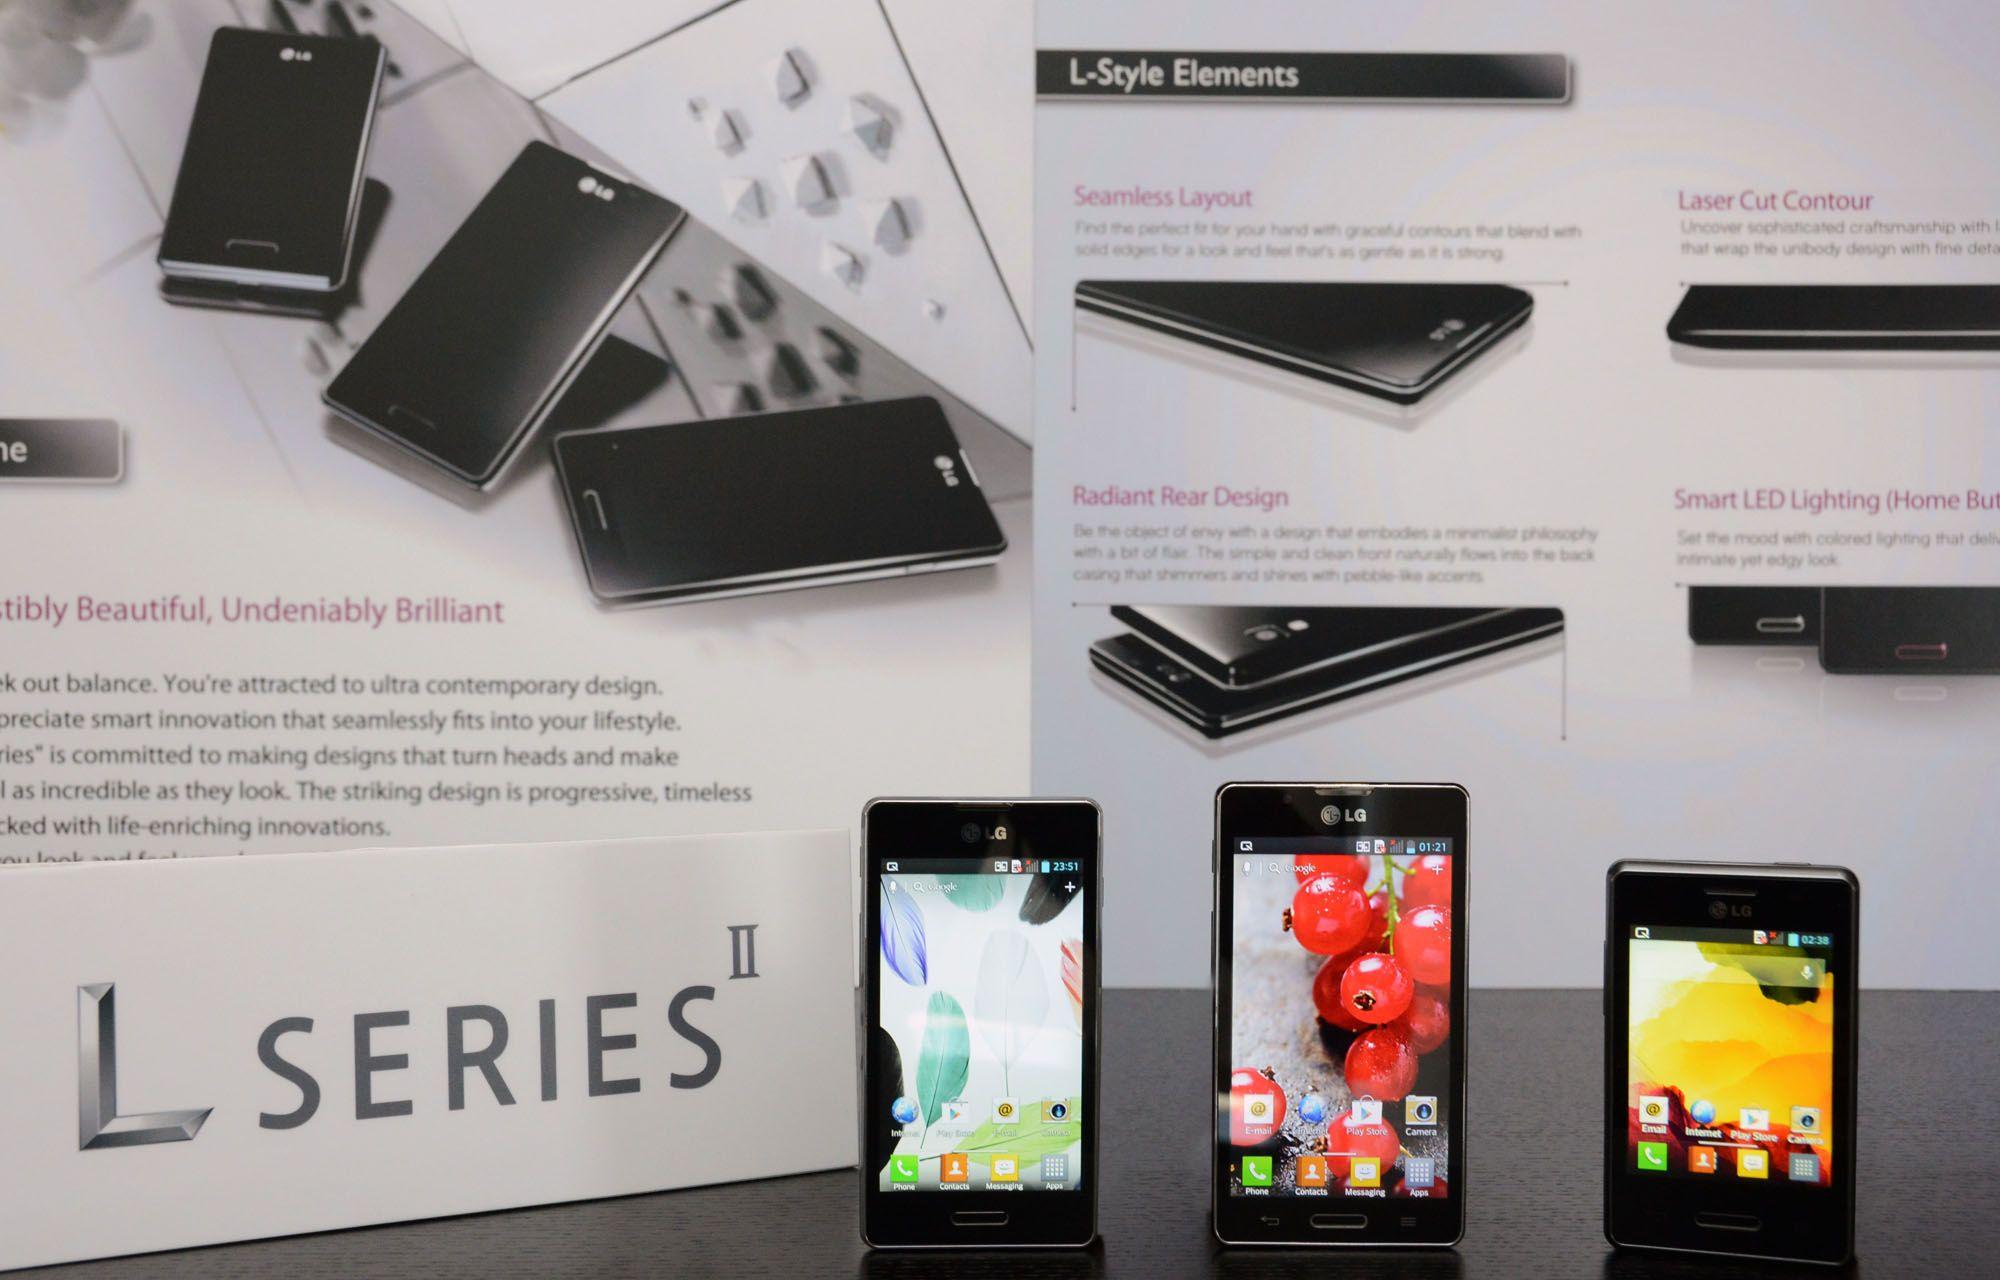 LG Optimus L7 II, L5 II